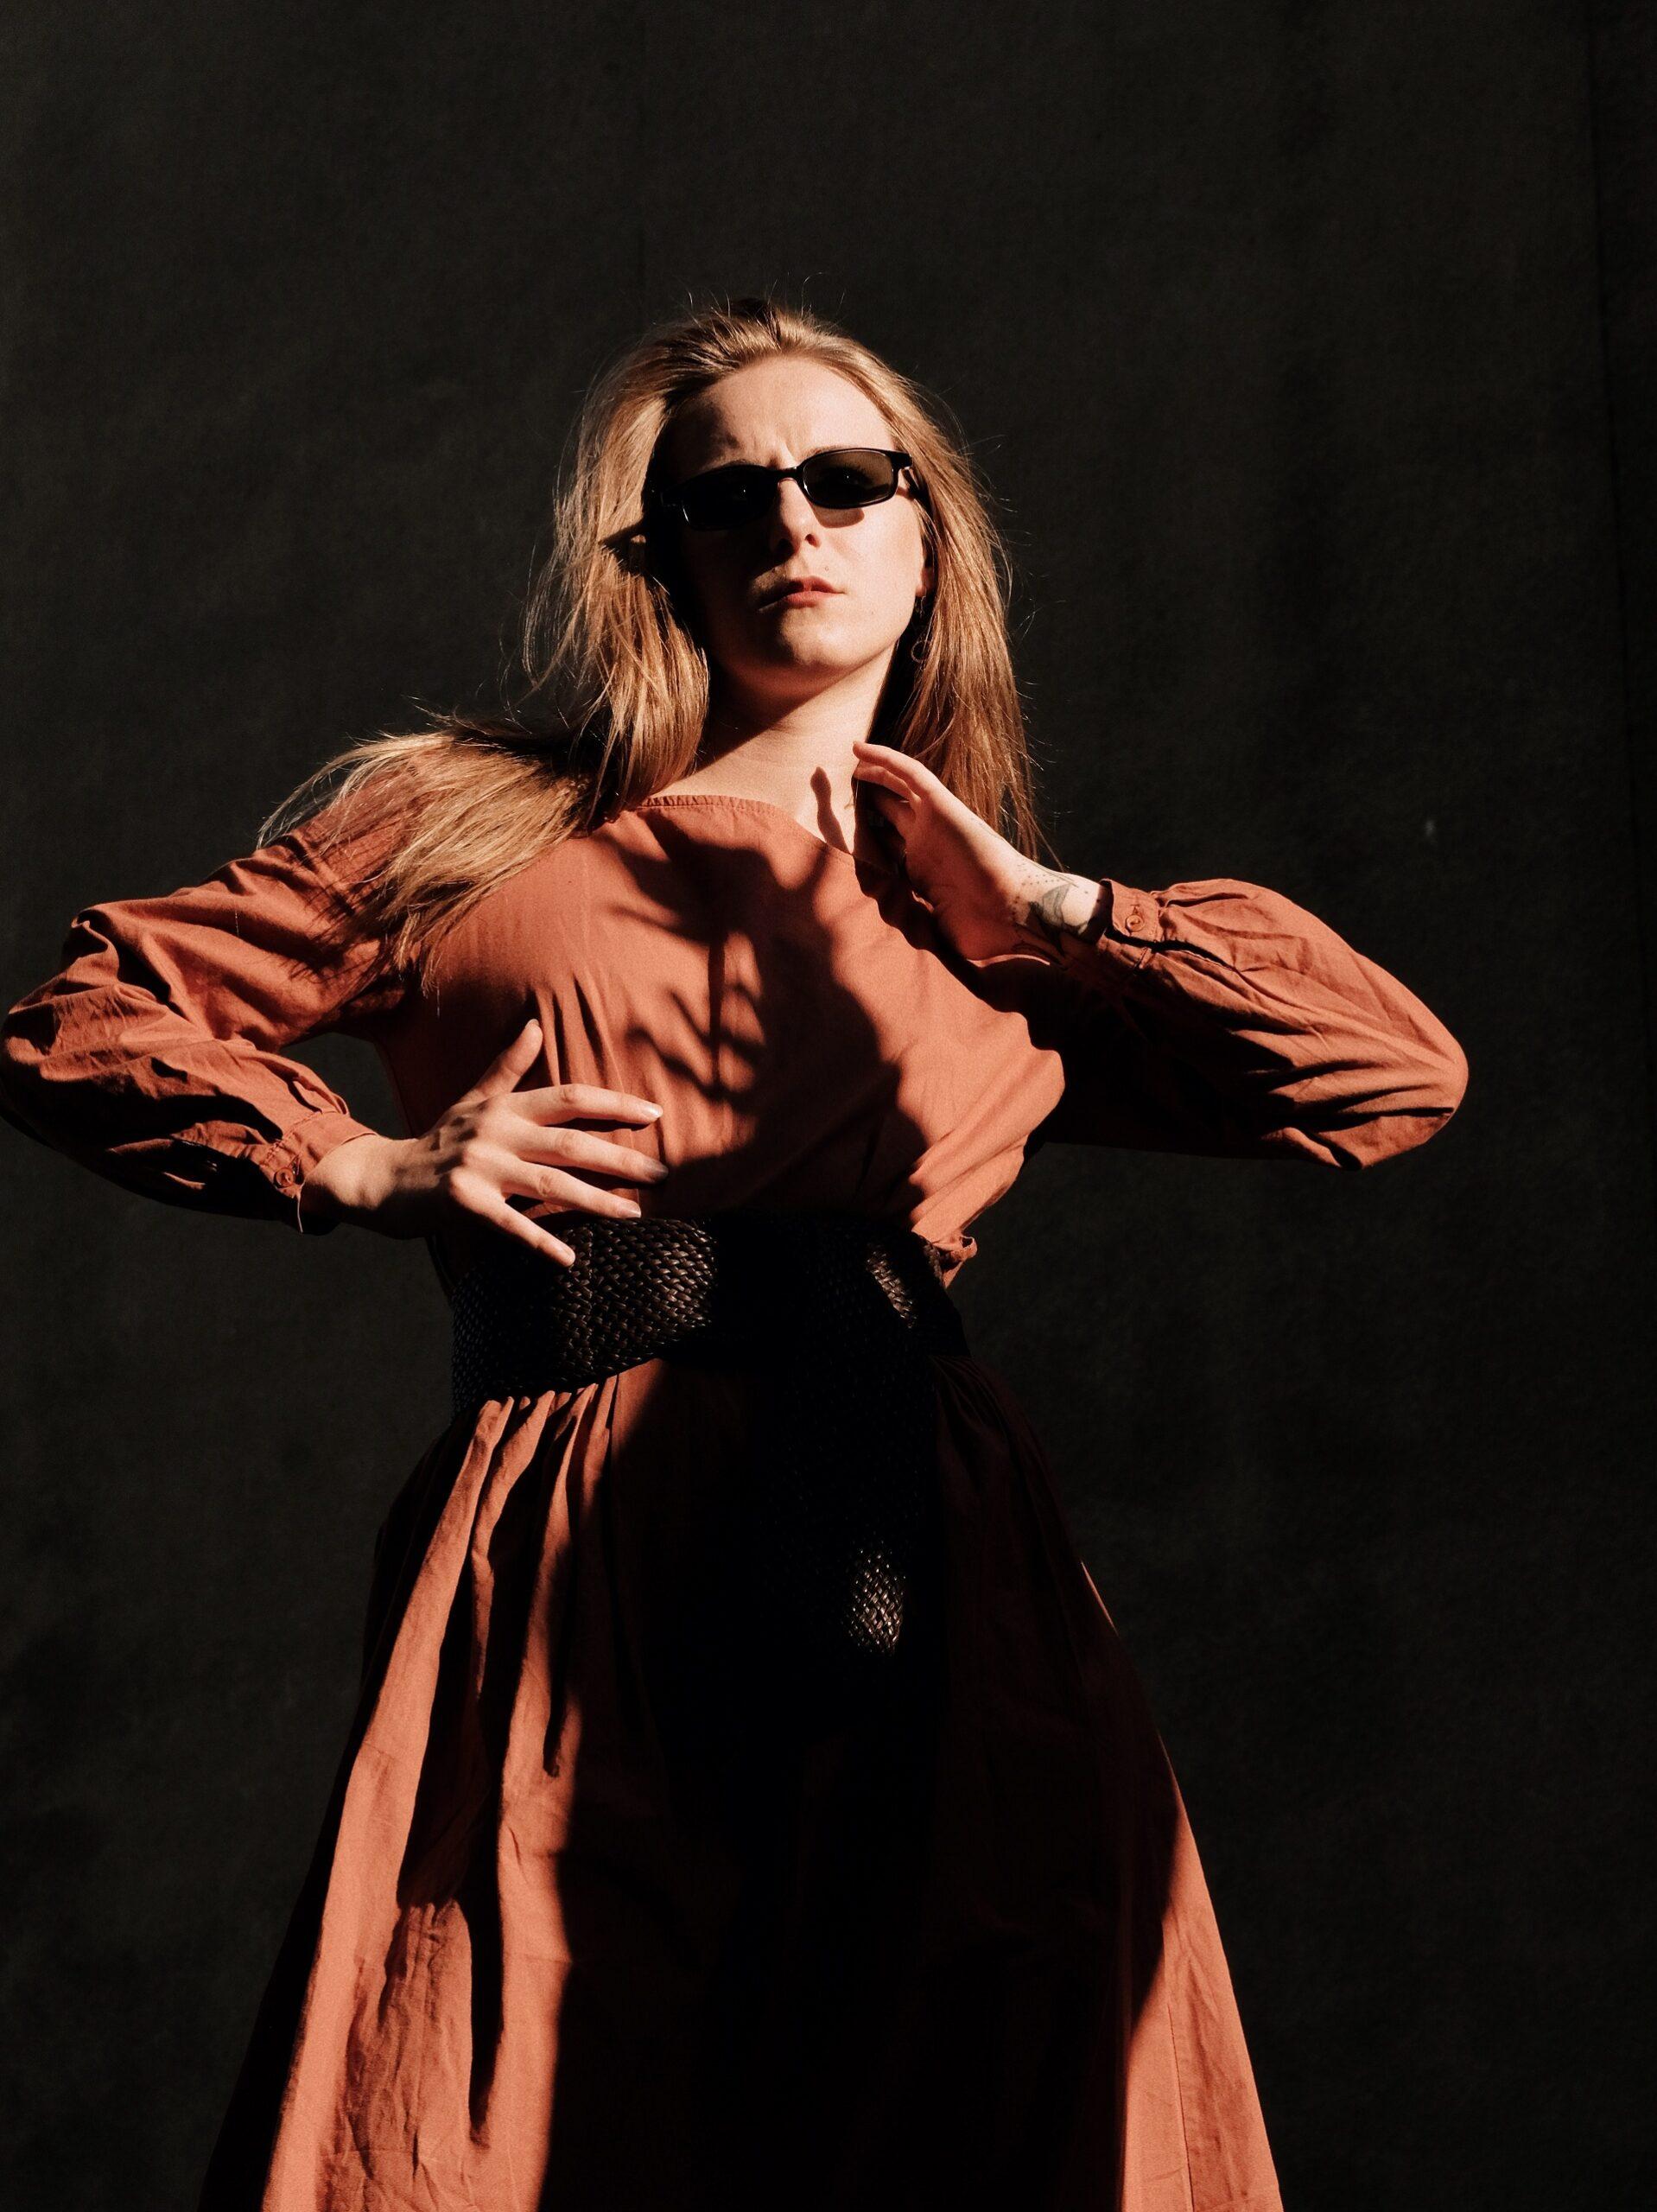 Про що мовчить жінка: Акторка та режисерка Христина Слободянюк-Фото 2